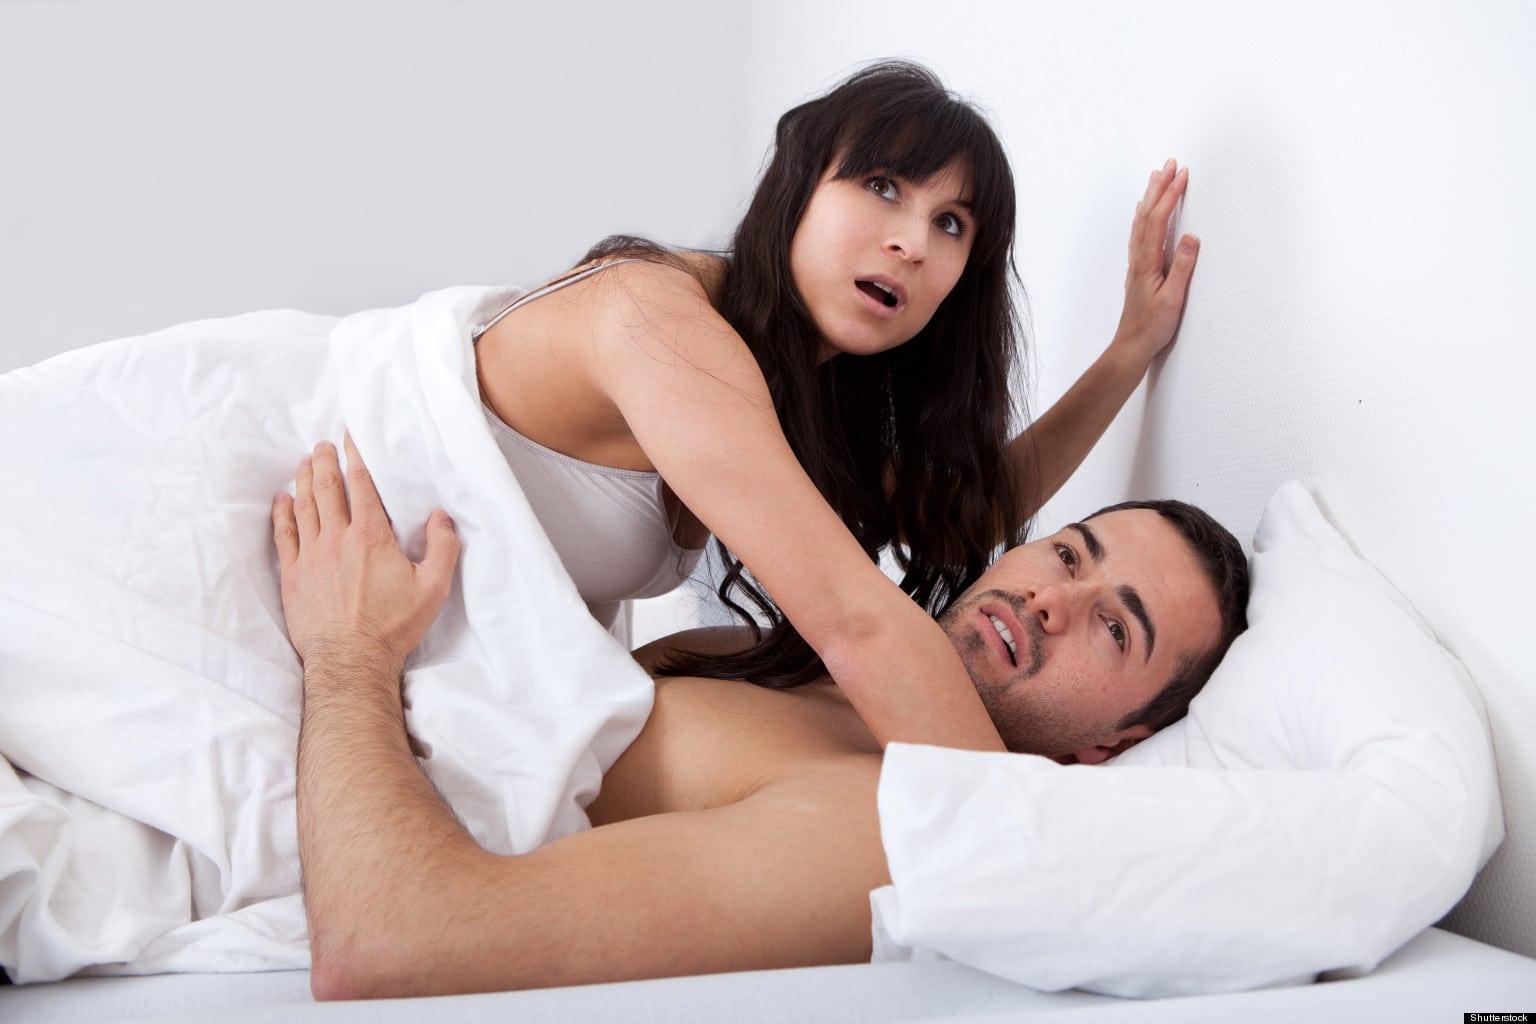 Рассказ муж с другом, Истории про секс. У меня был секс с другом мужа - что 10 фотография